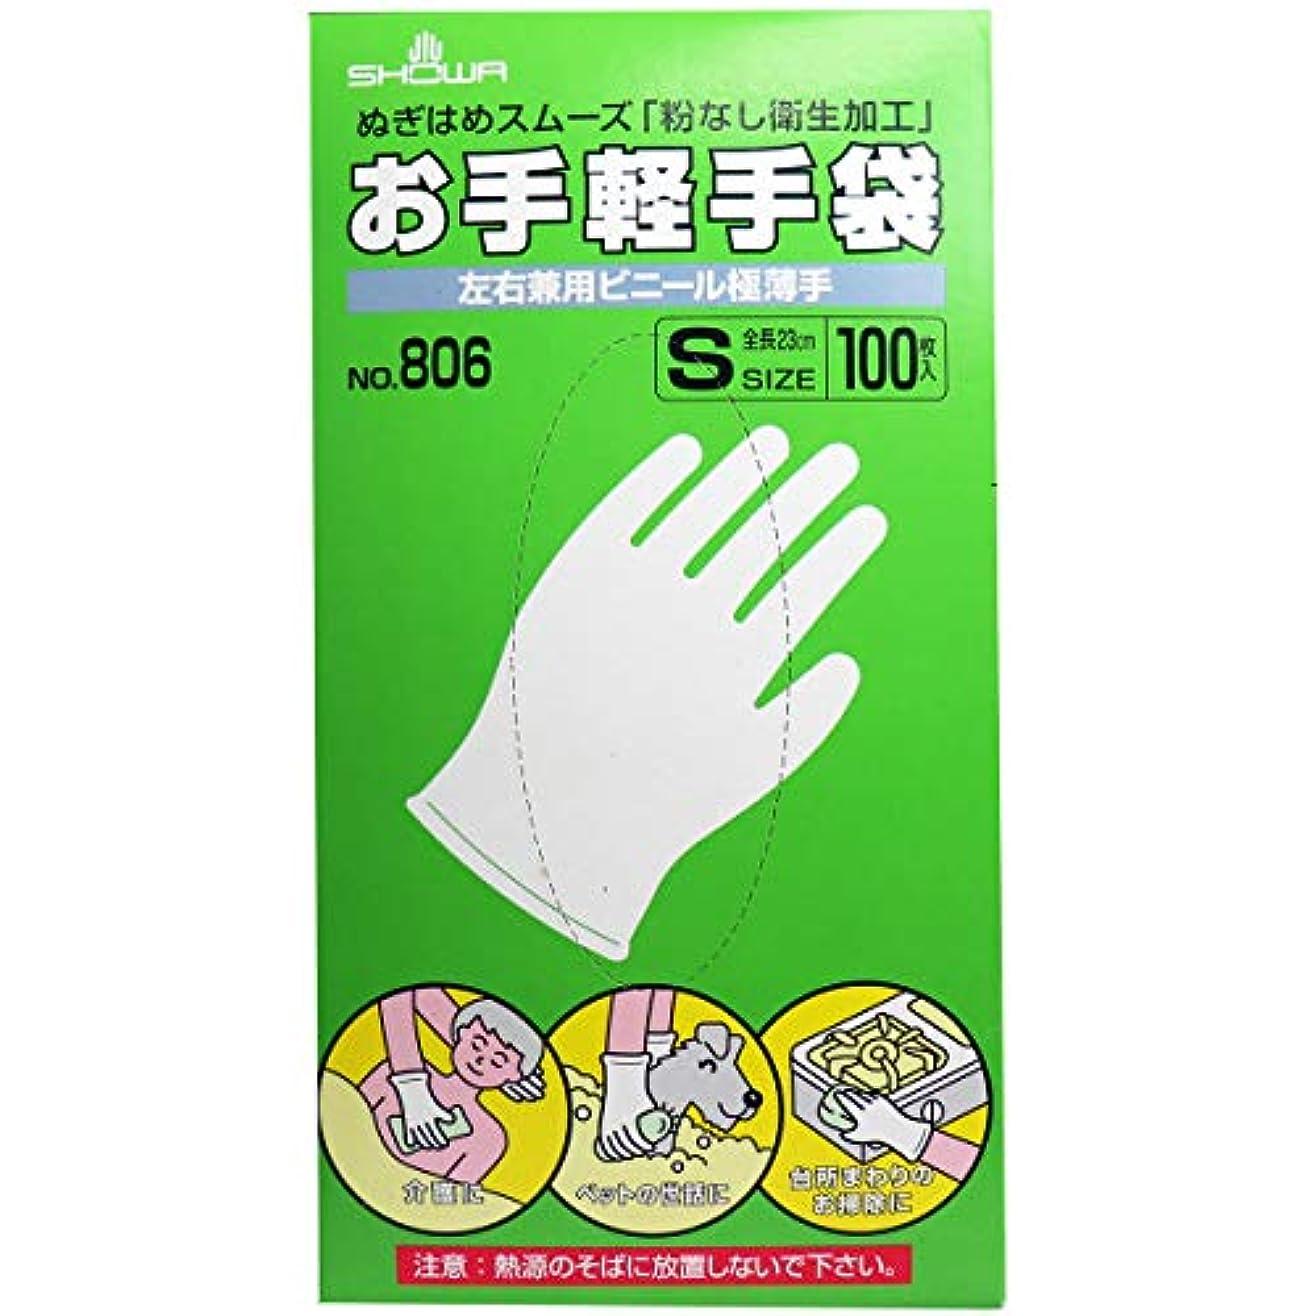 防ぐ縁ニンニクお手軽手袋 No.806 左右兼用ビニール極薄手 粉なし Sサイズ 100枚入×2個セット